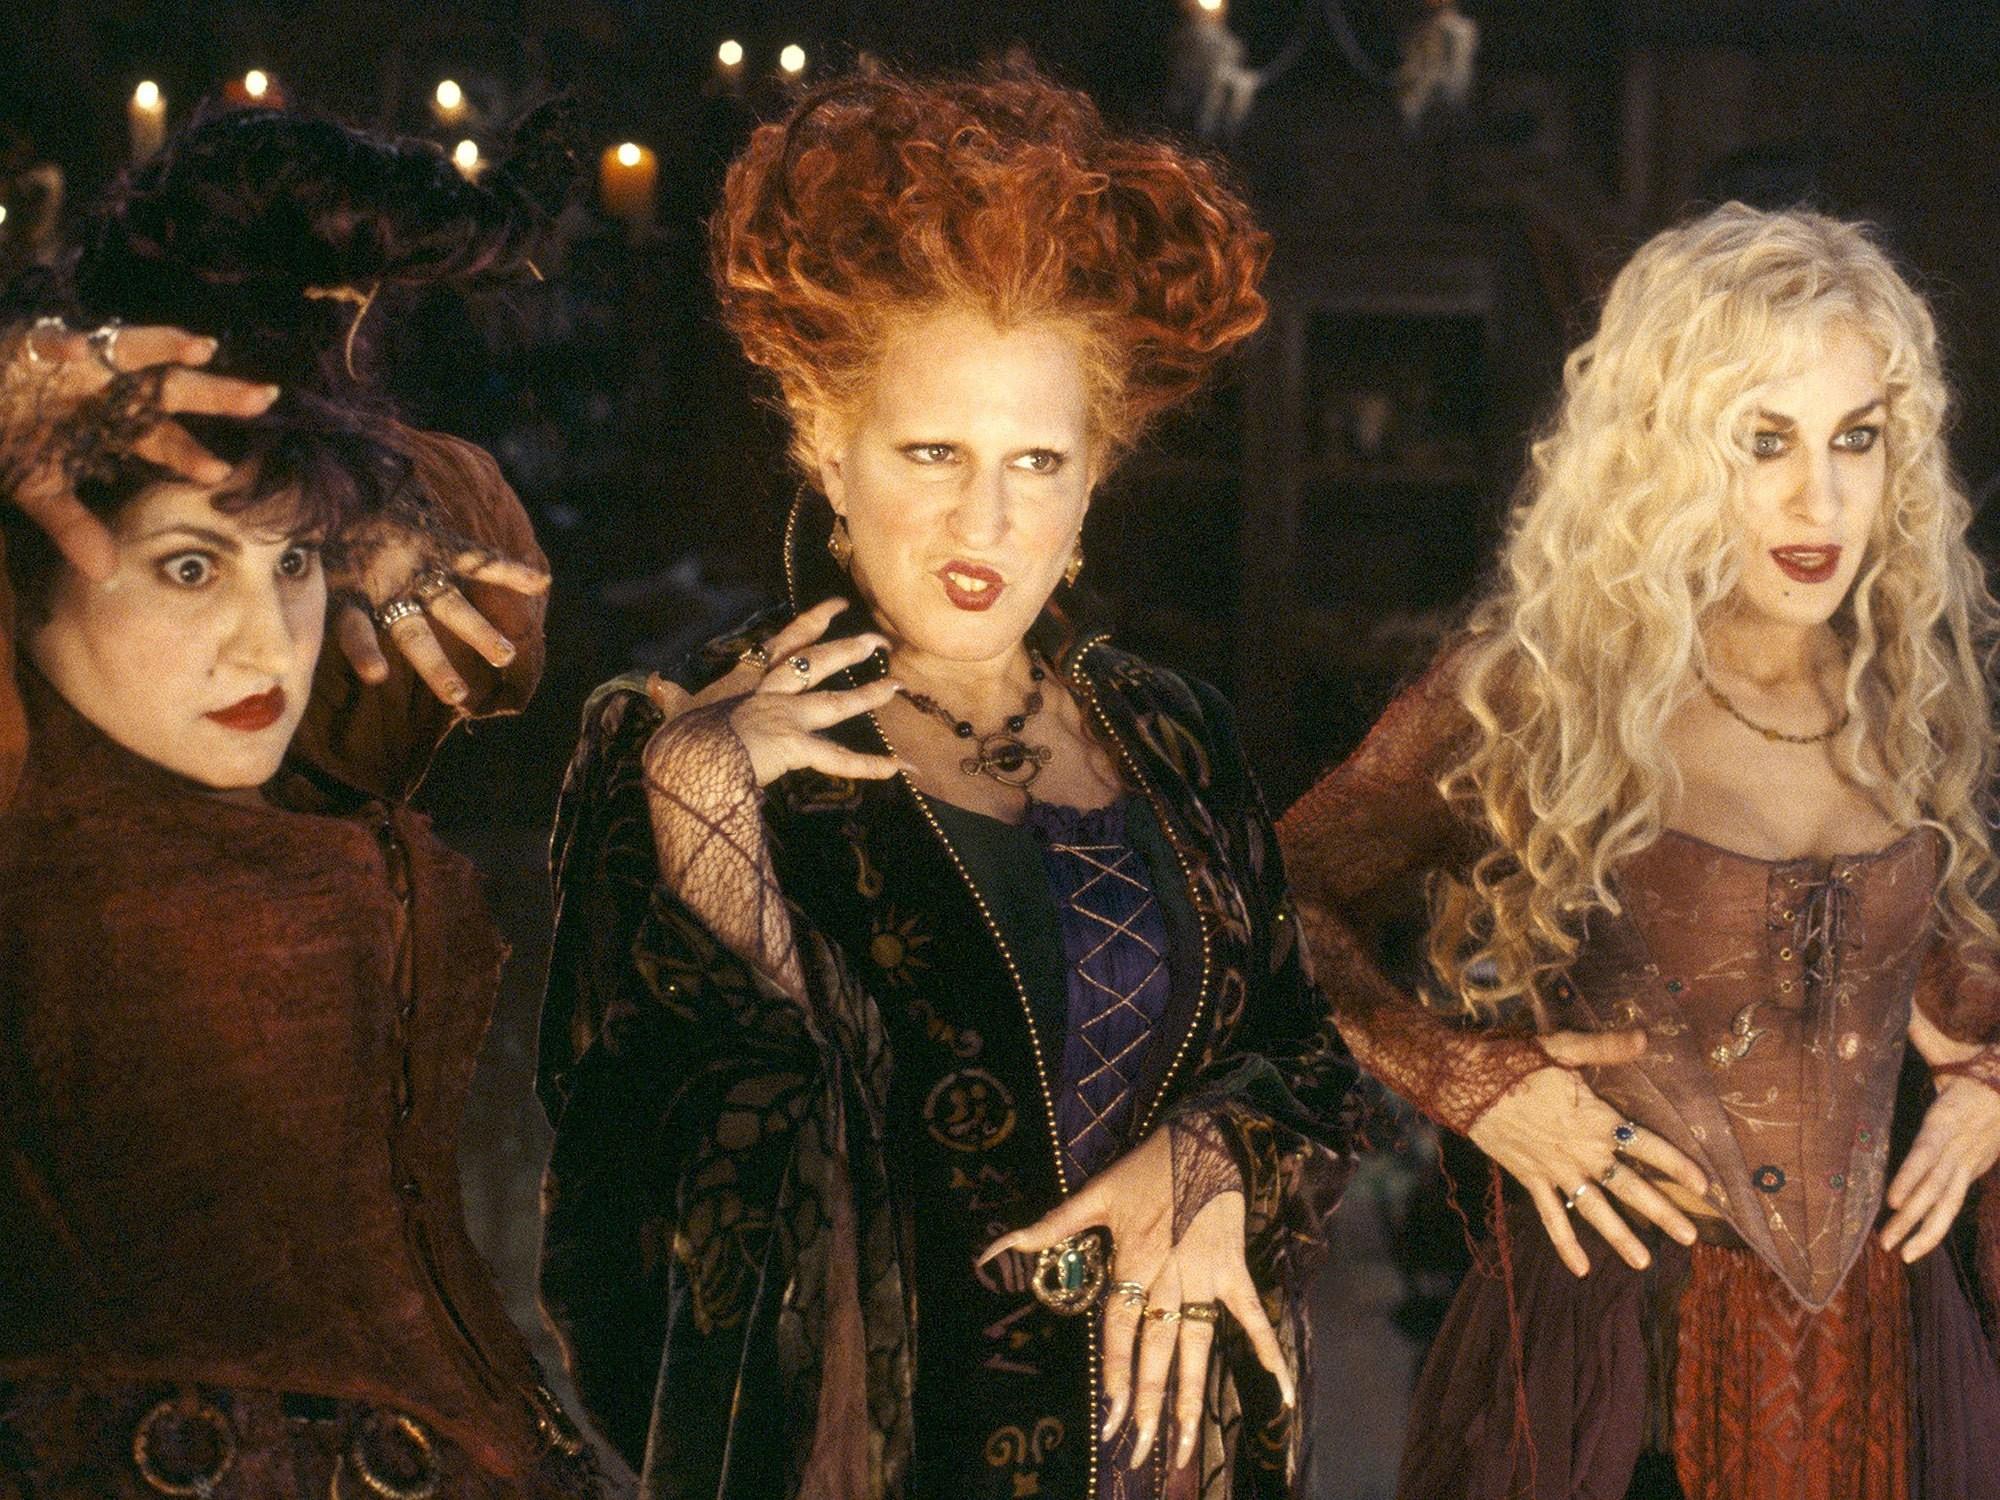 hocus-pocus-witches-gallery.jpg